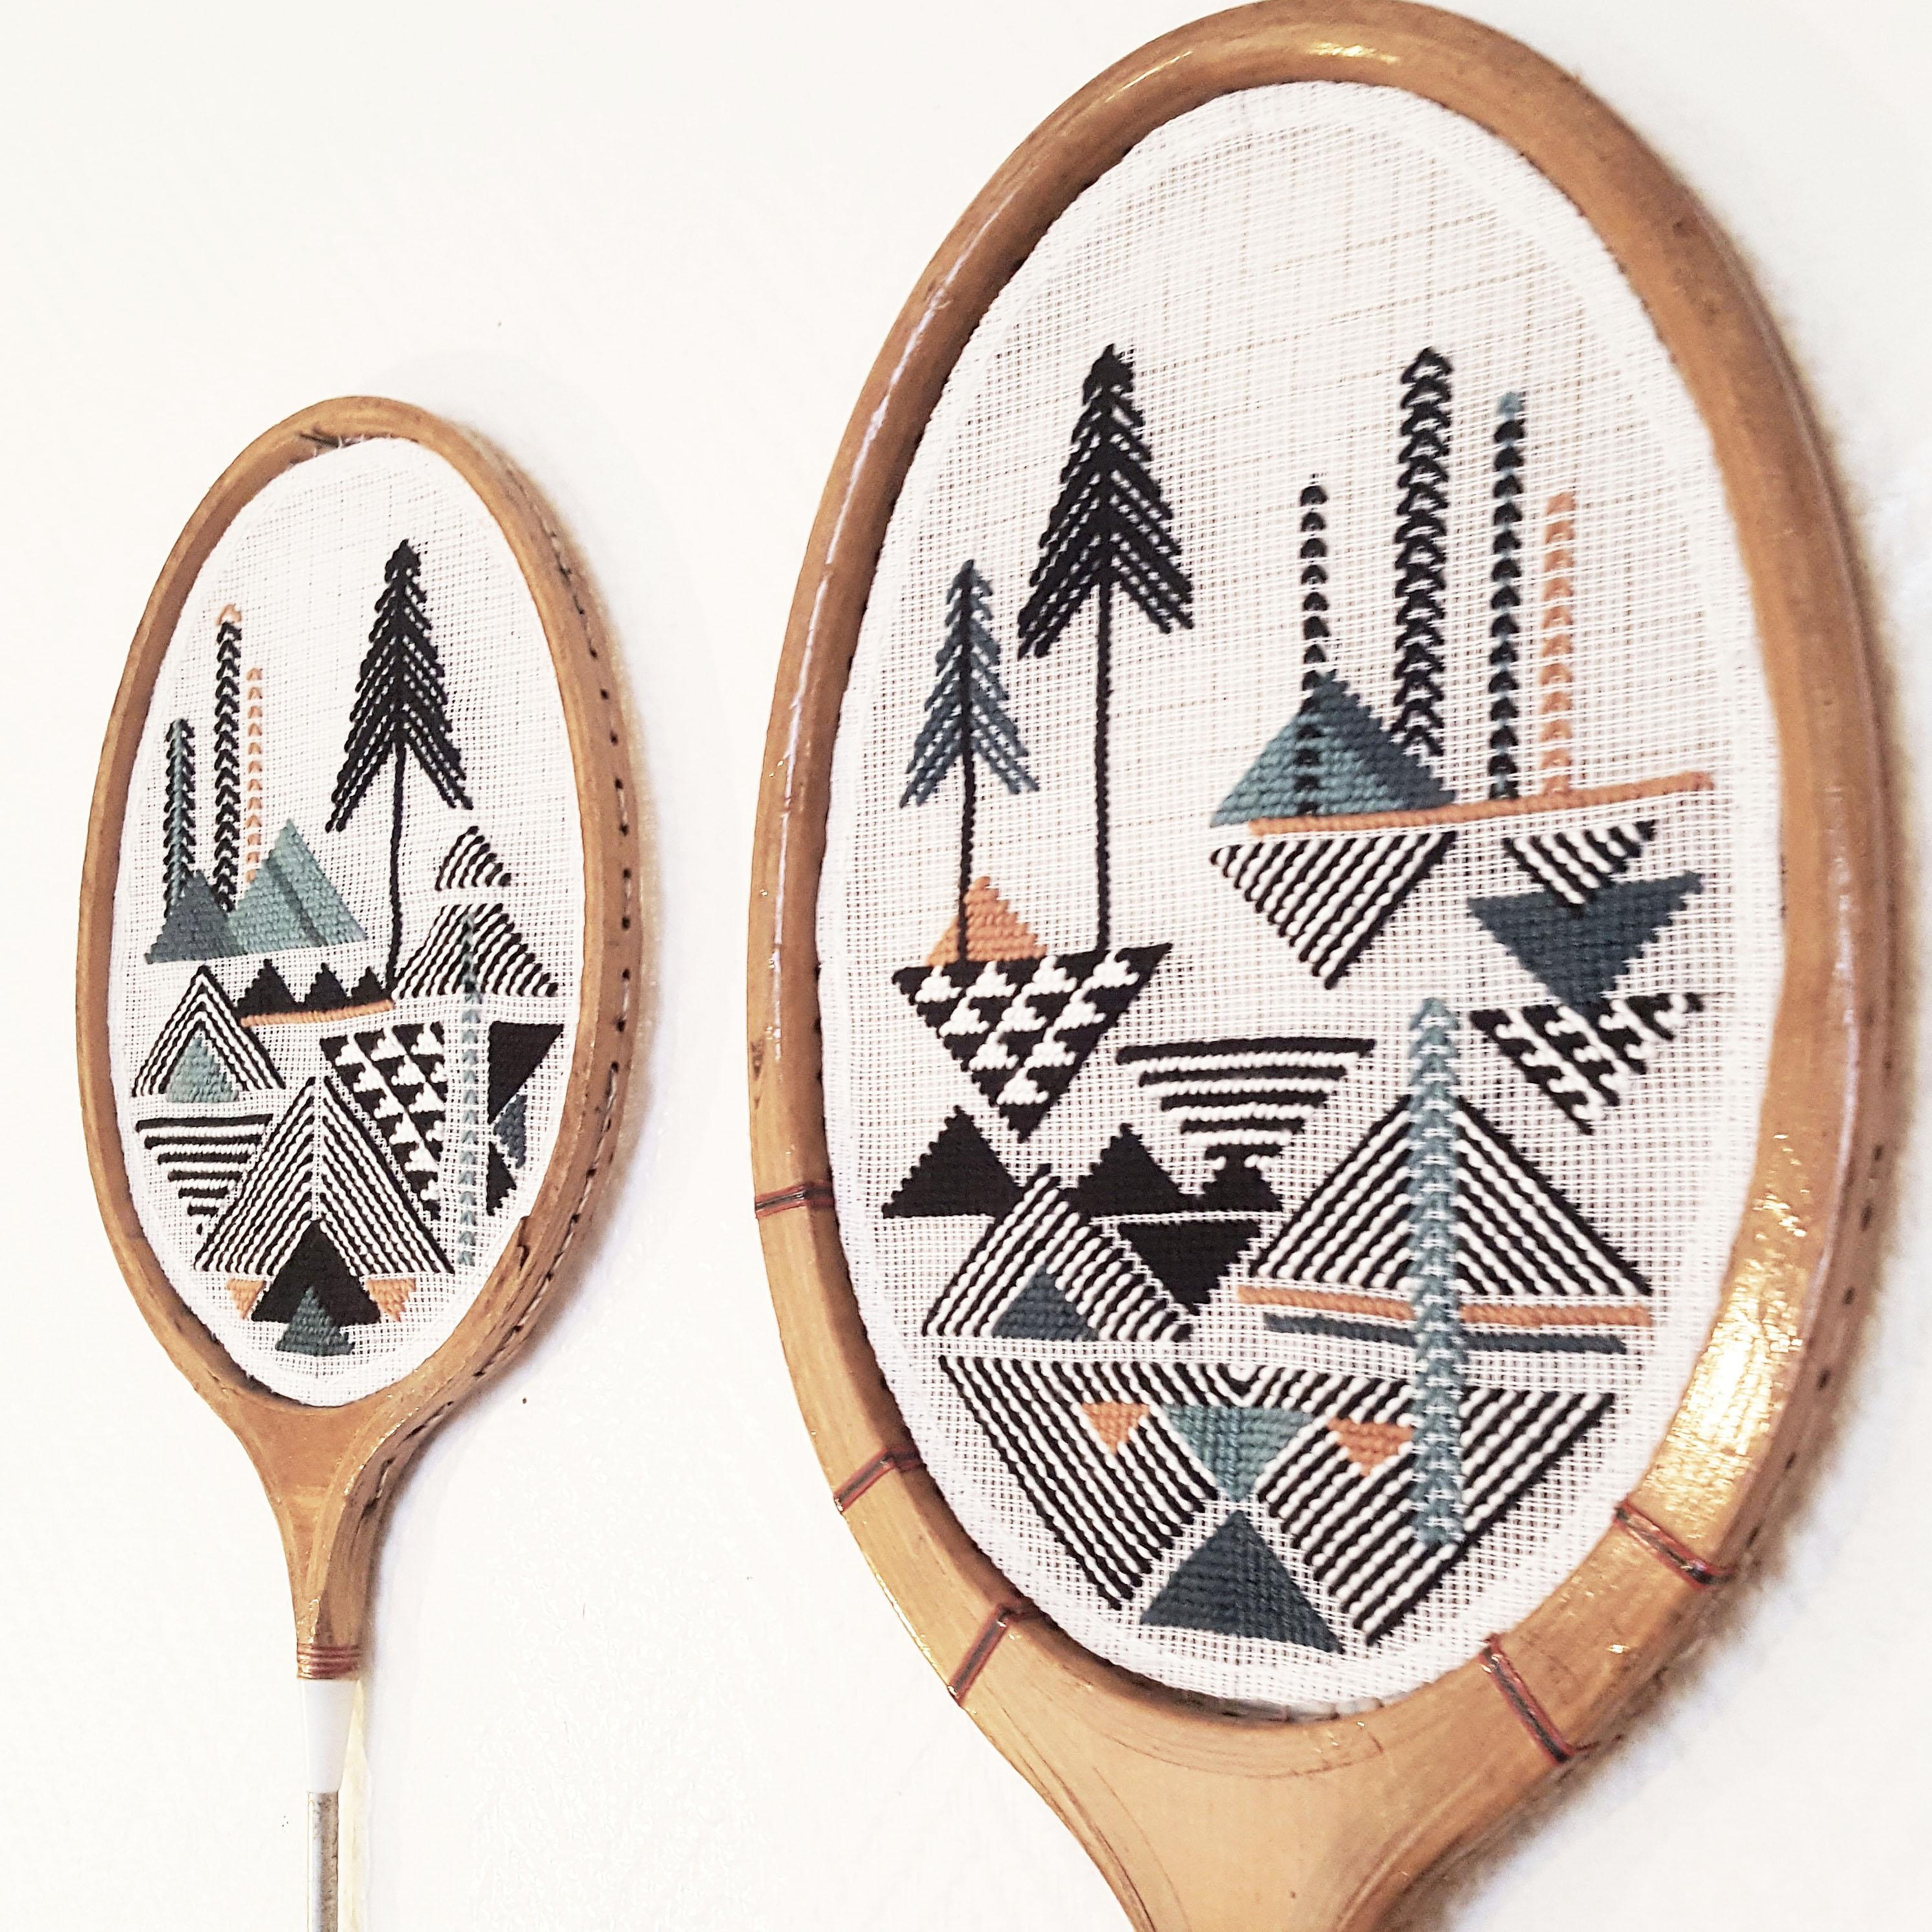 Racket 3